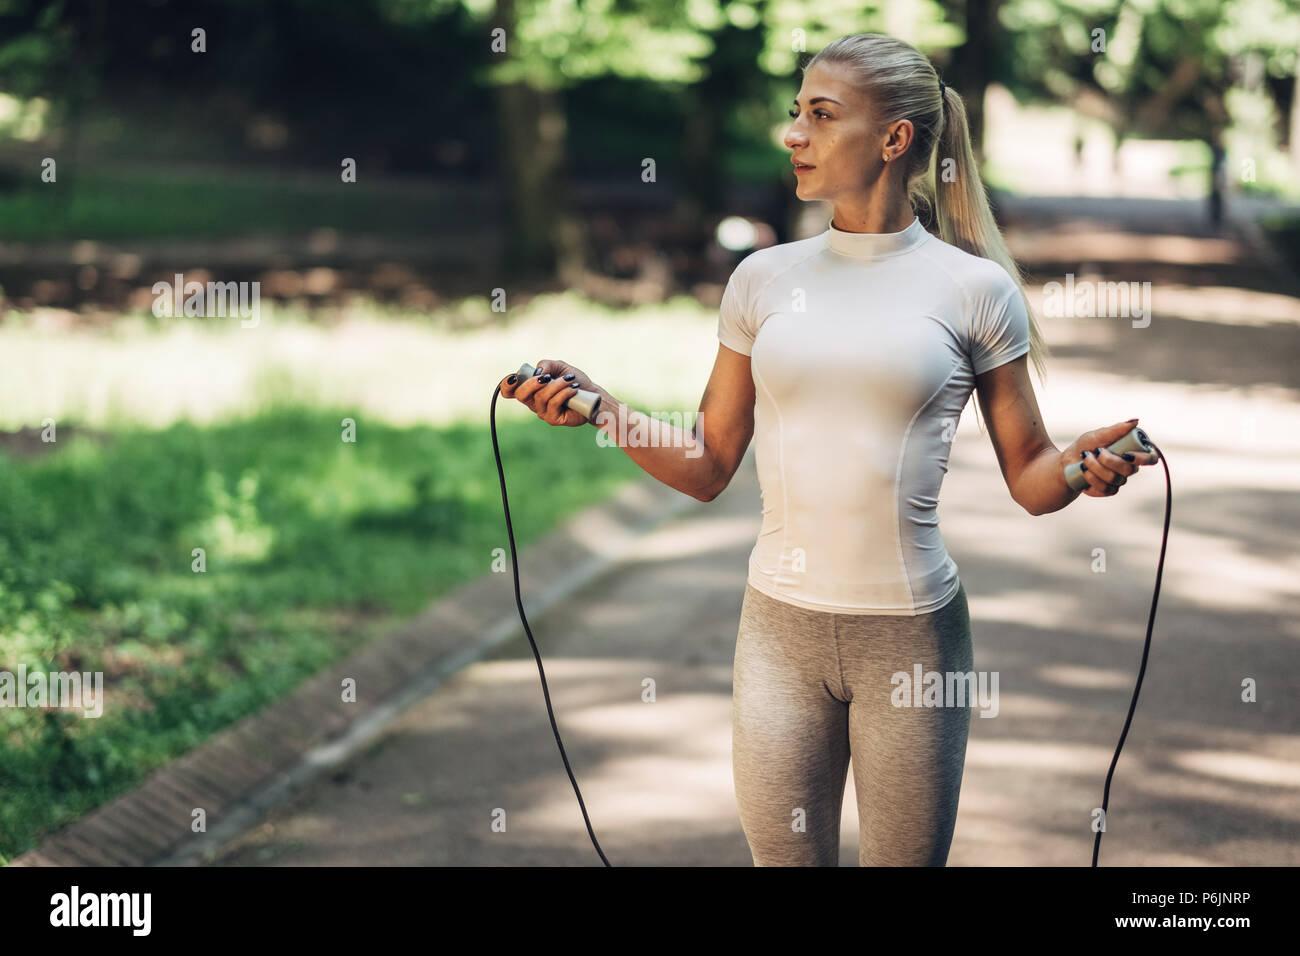 Colocar el retrato de mujer joven con saltar la cuerda en el parque.  Fitness femenino haciendo ejercicio al aire libre en el parque el día  soleado. 5ce9fd390fa